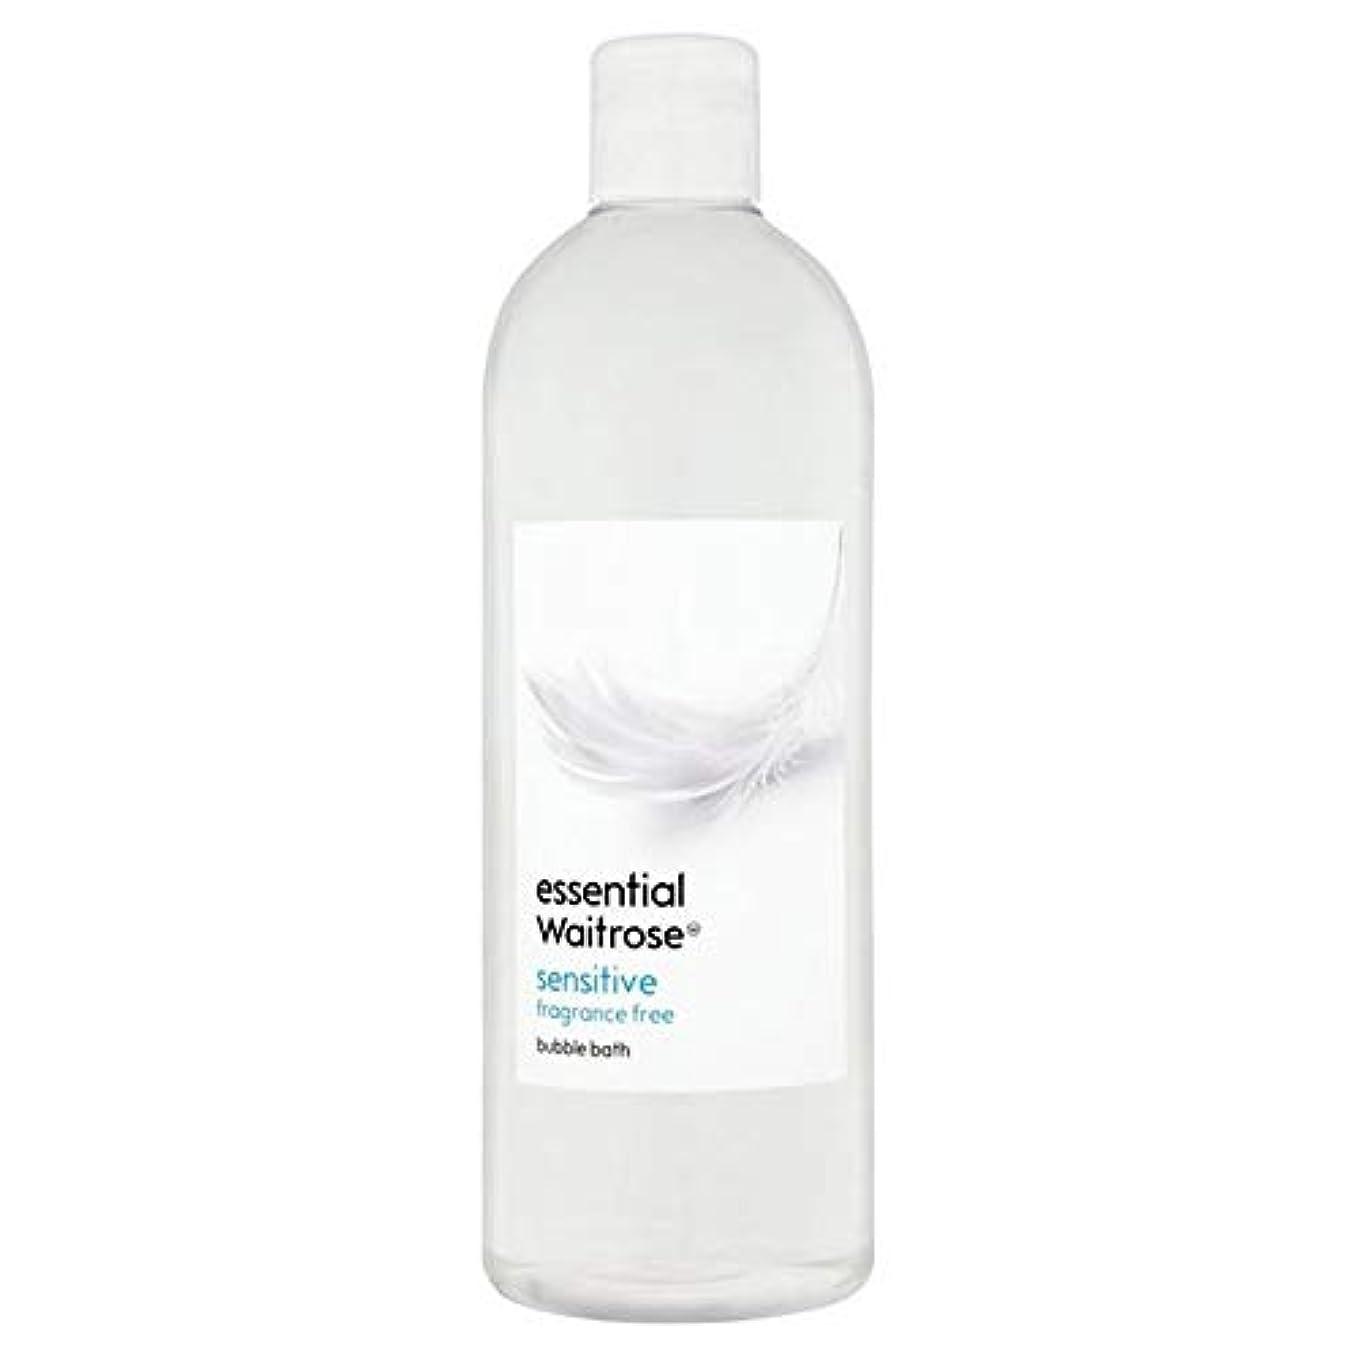 展示会マート手紙を書く[Waitrose ] 基本的なウェイトローズ泡風呂に敏感な750ミリリットル - Essential Waitrose Bubble Bath Sensitive 750ml [並行輸入品]